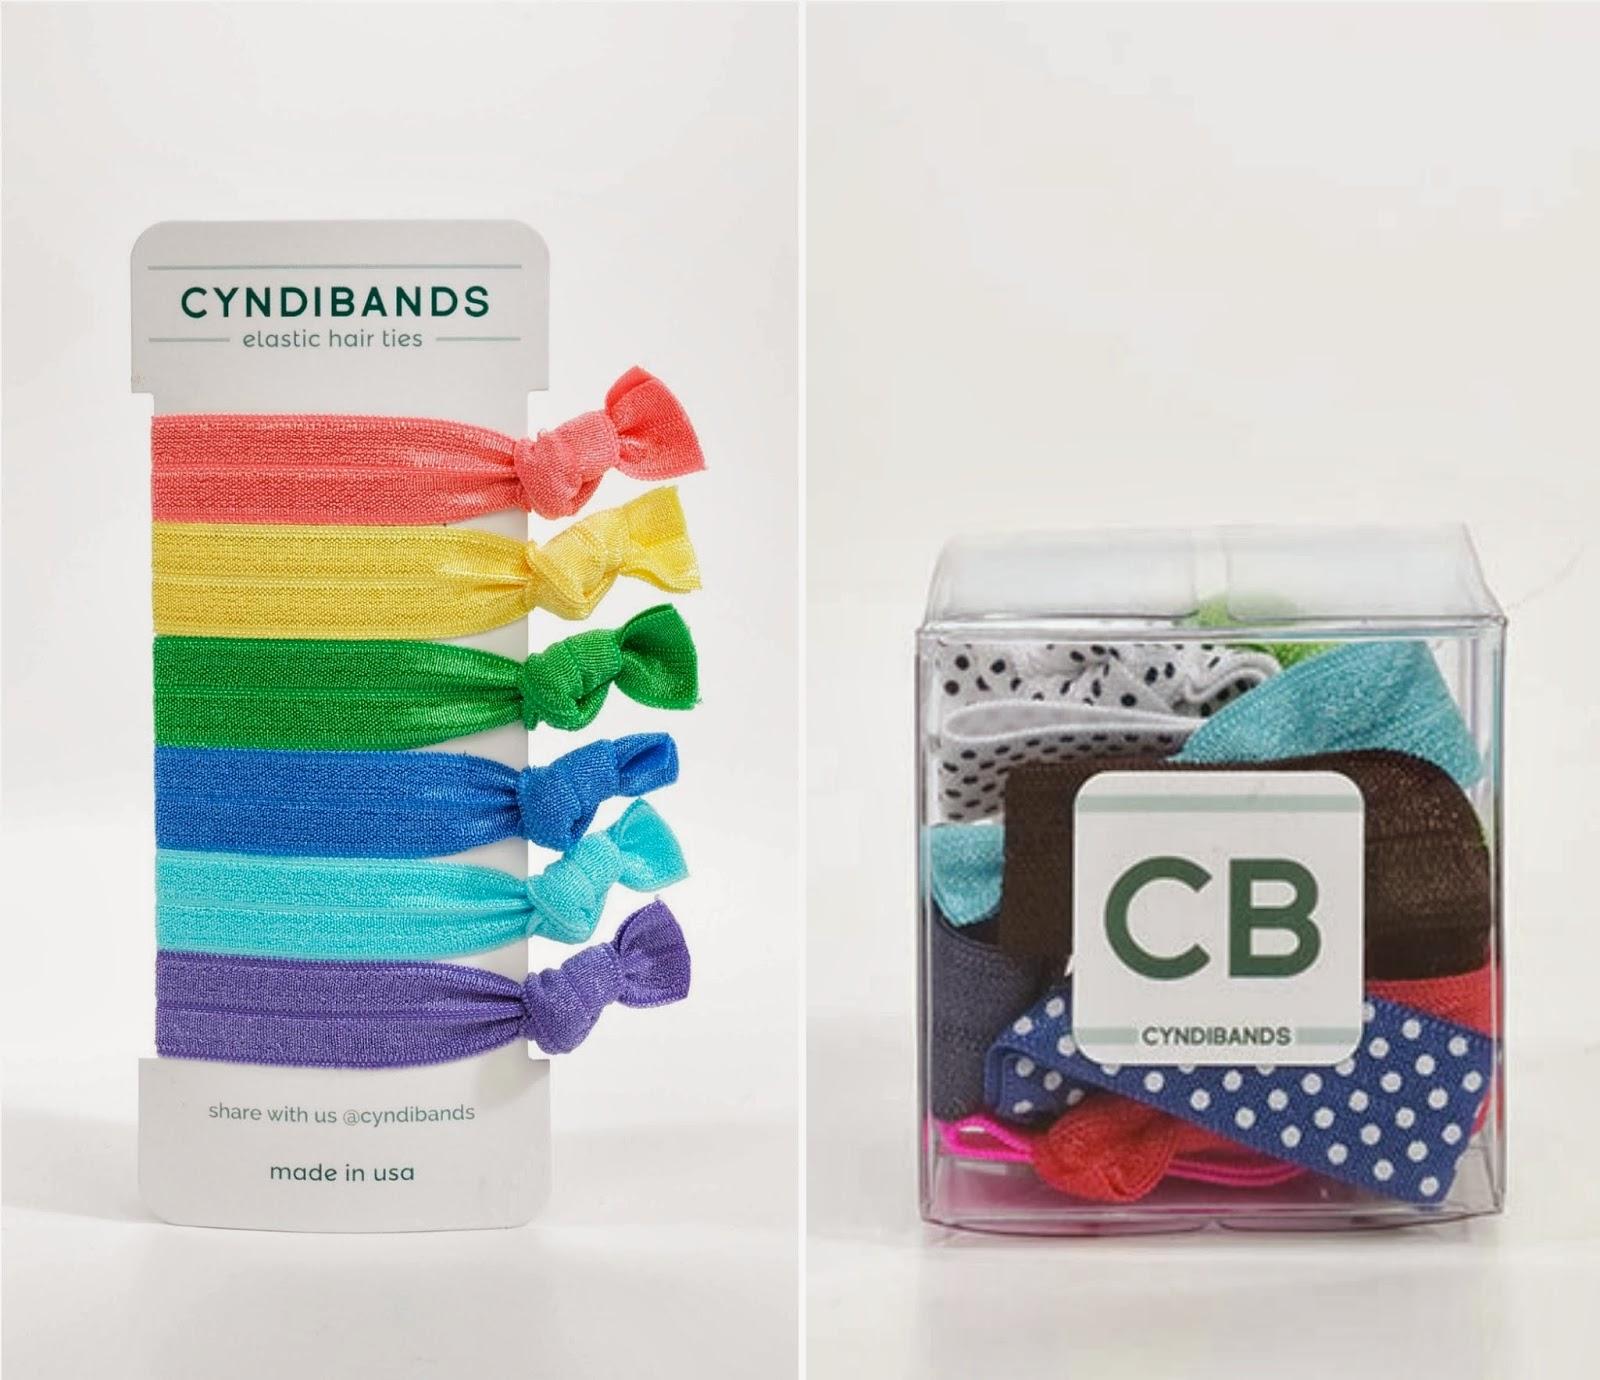 CyndiBands giveaway